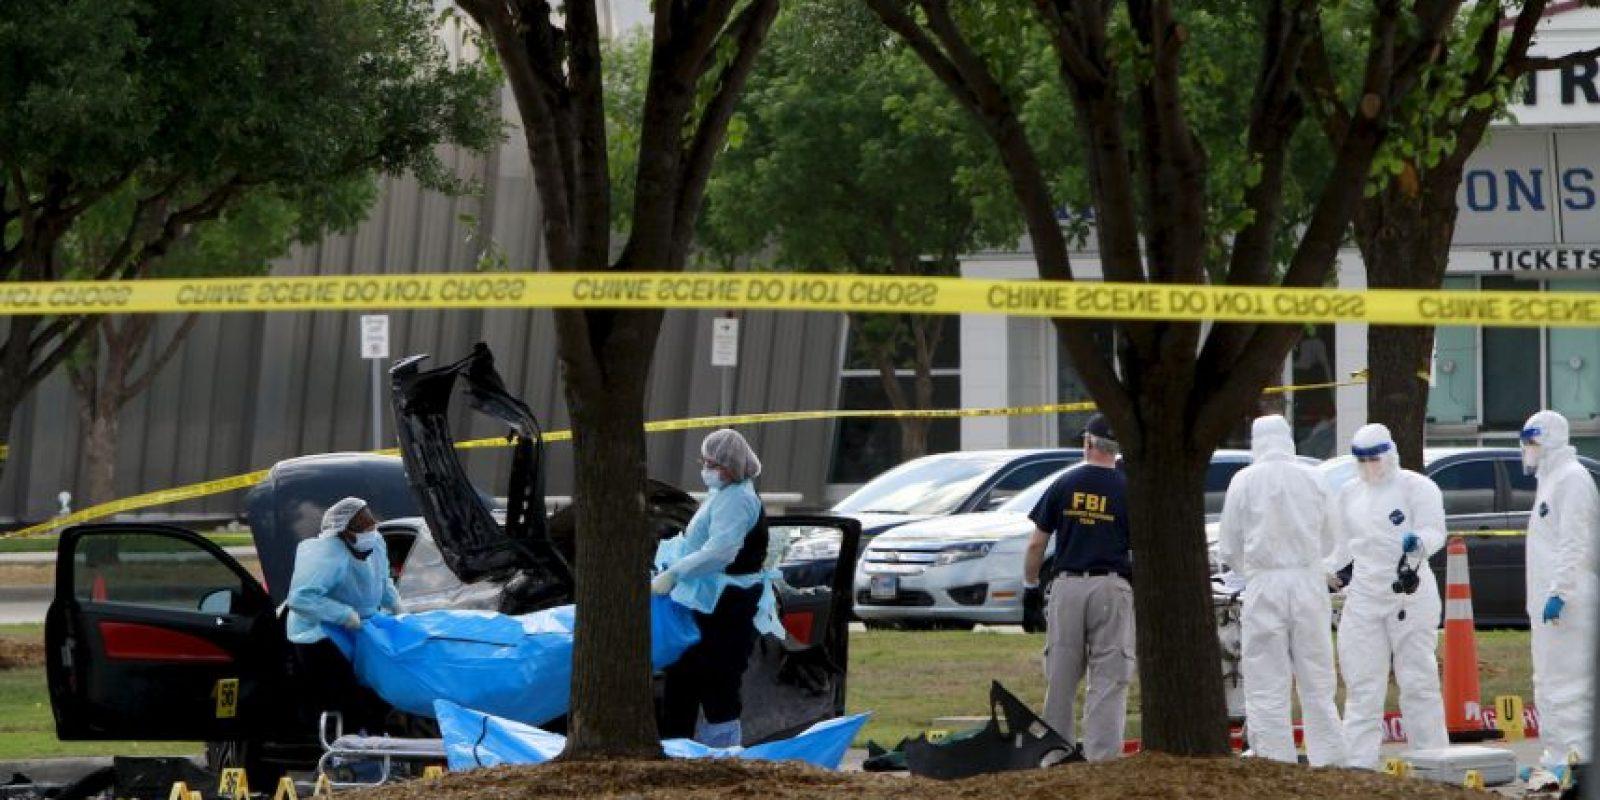 Las autoridades estadounidenses identifican a los dos hombres como Elton Simpson y Nadir Soofi. Foto:AFP